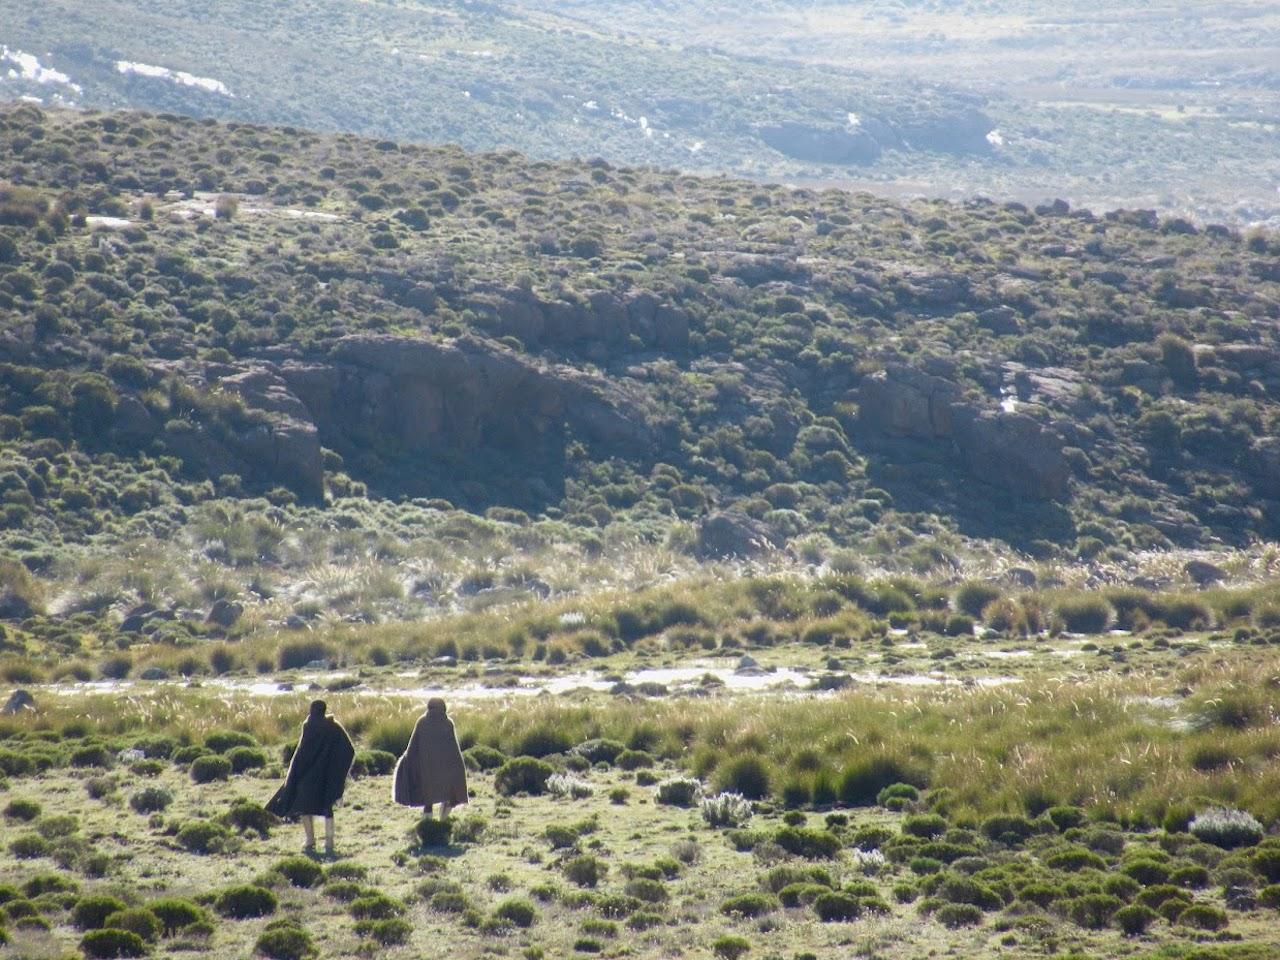 Lesotho Drakensberg Traverse shepherds Africa